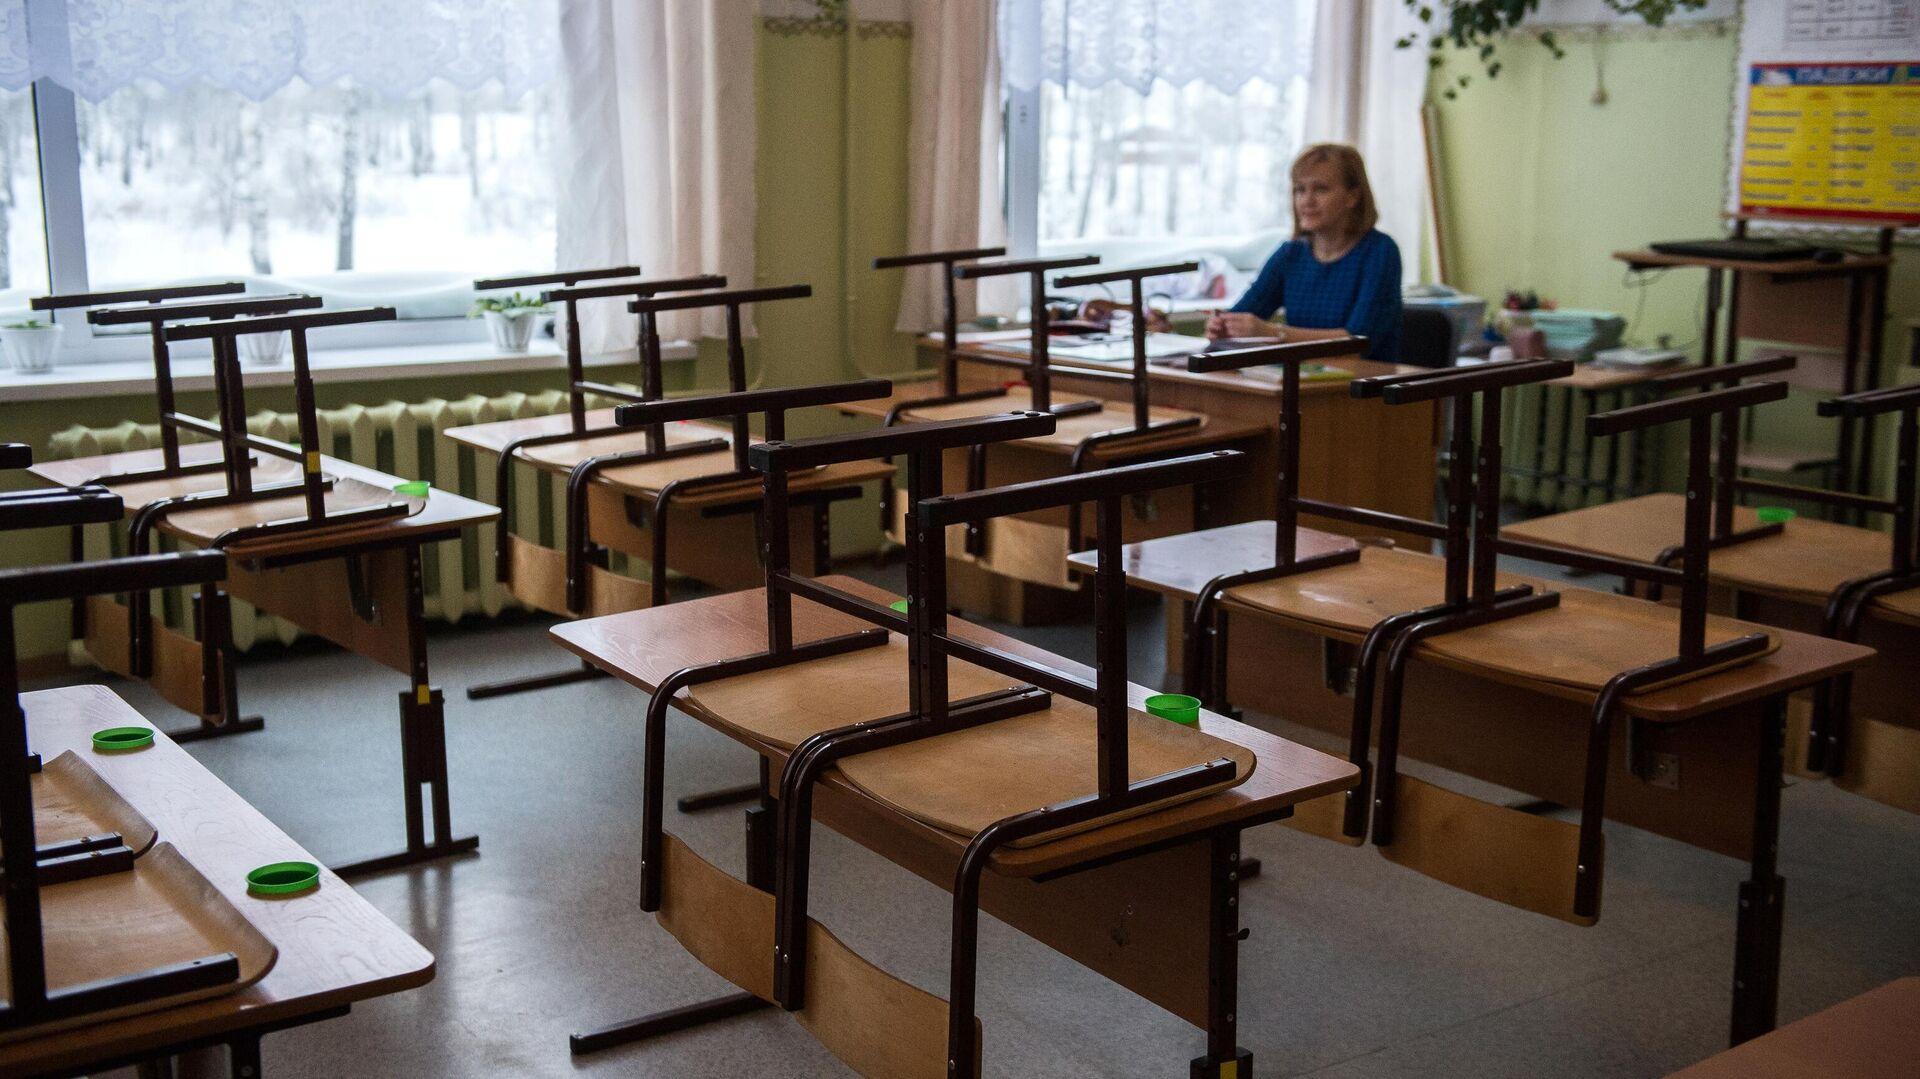 Учитель одной из школ - РИА Новости, 1920, 06.10.2021